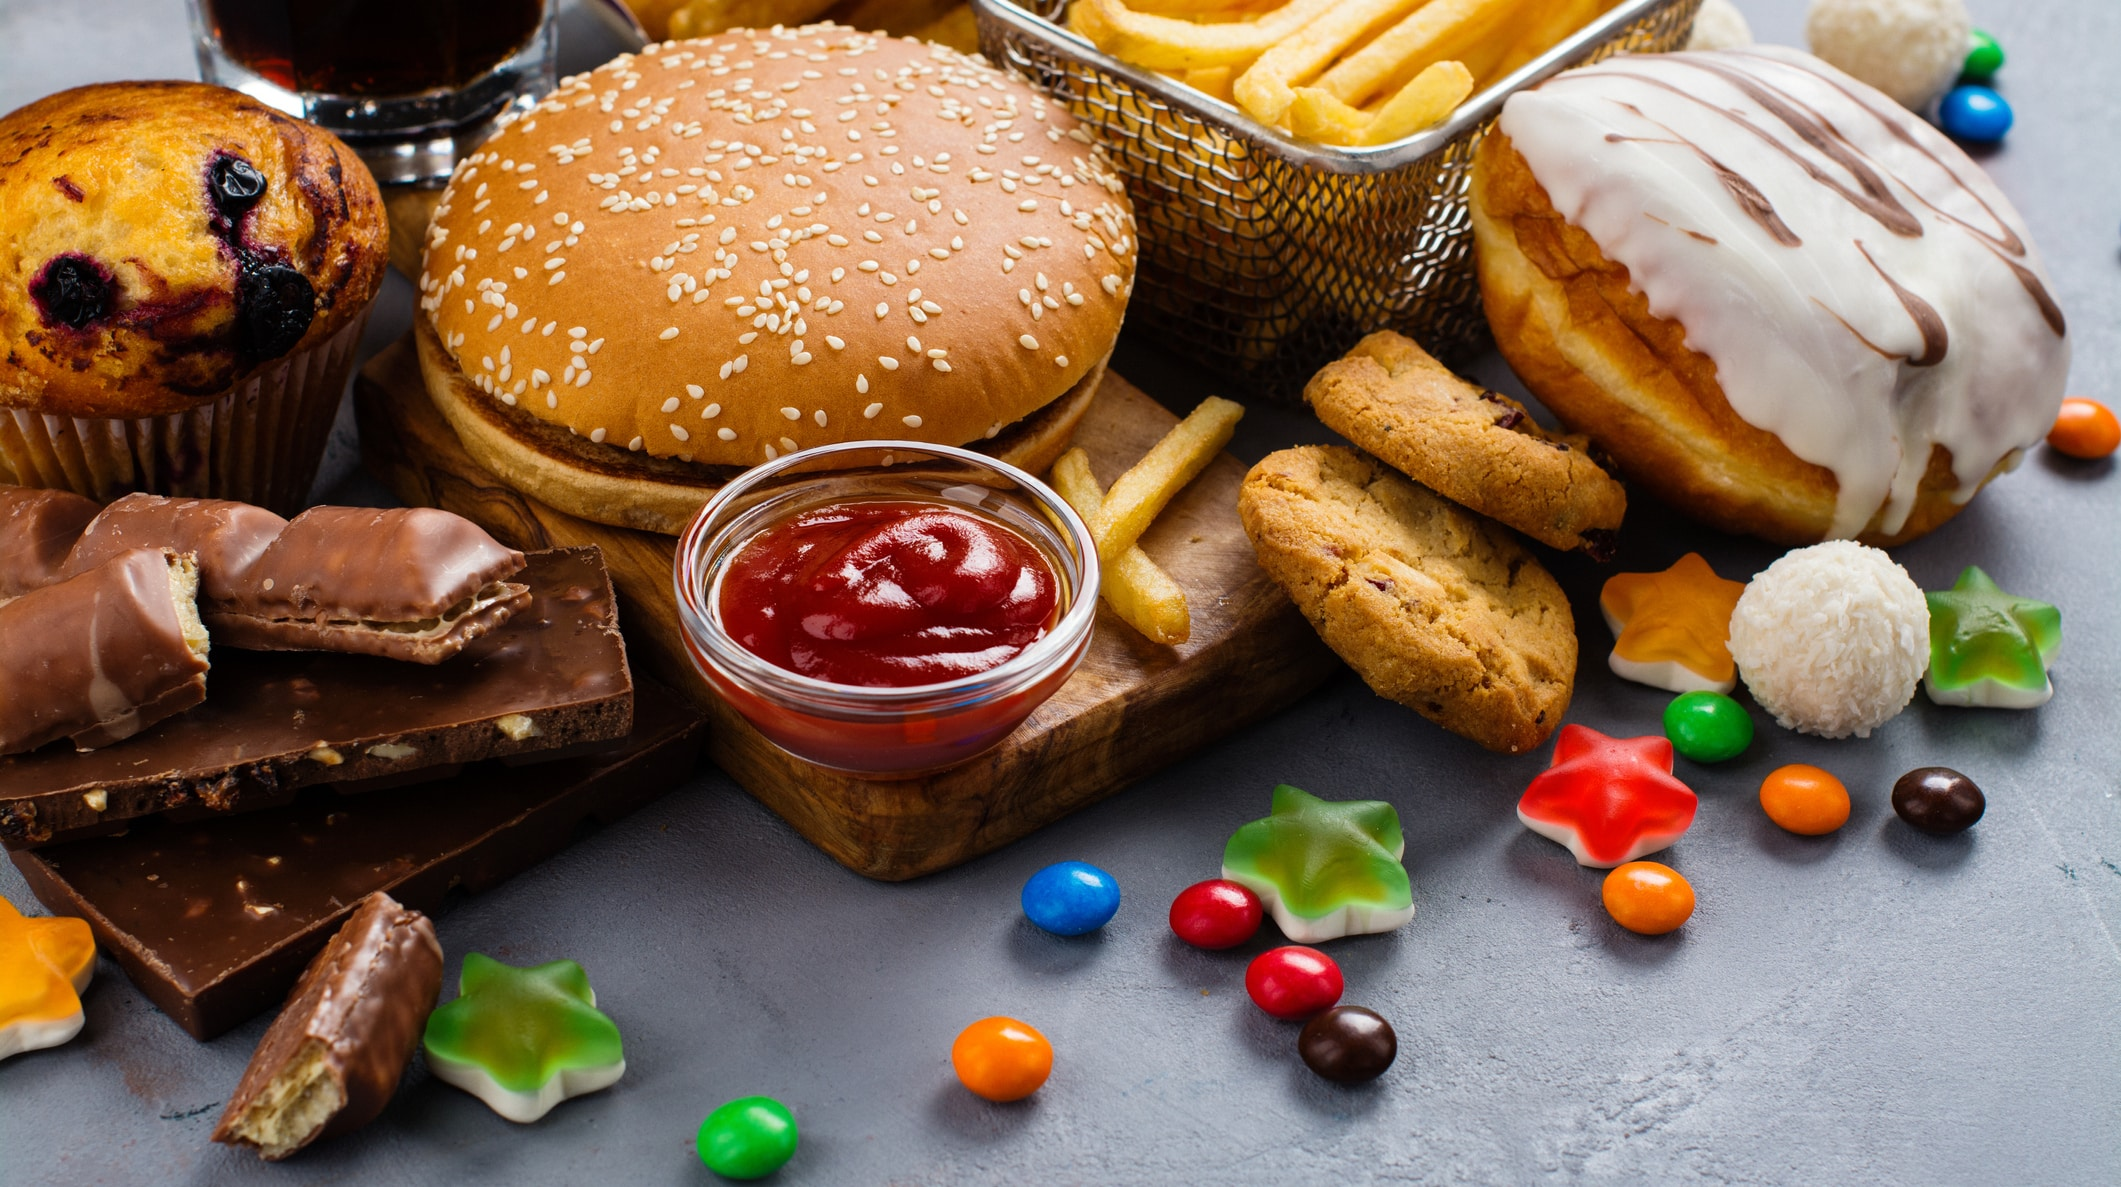 Studio quanto possono fare male gli alimenti ultra-processati